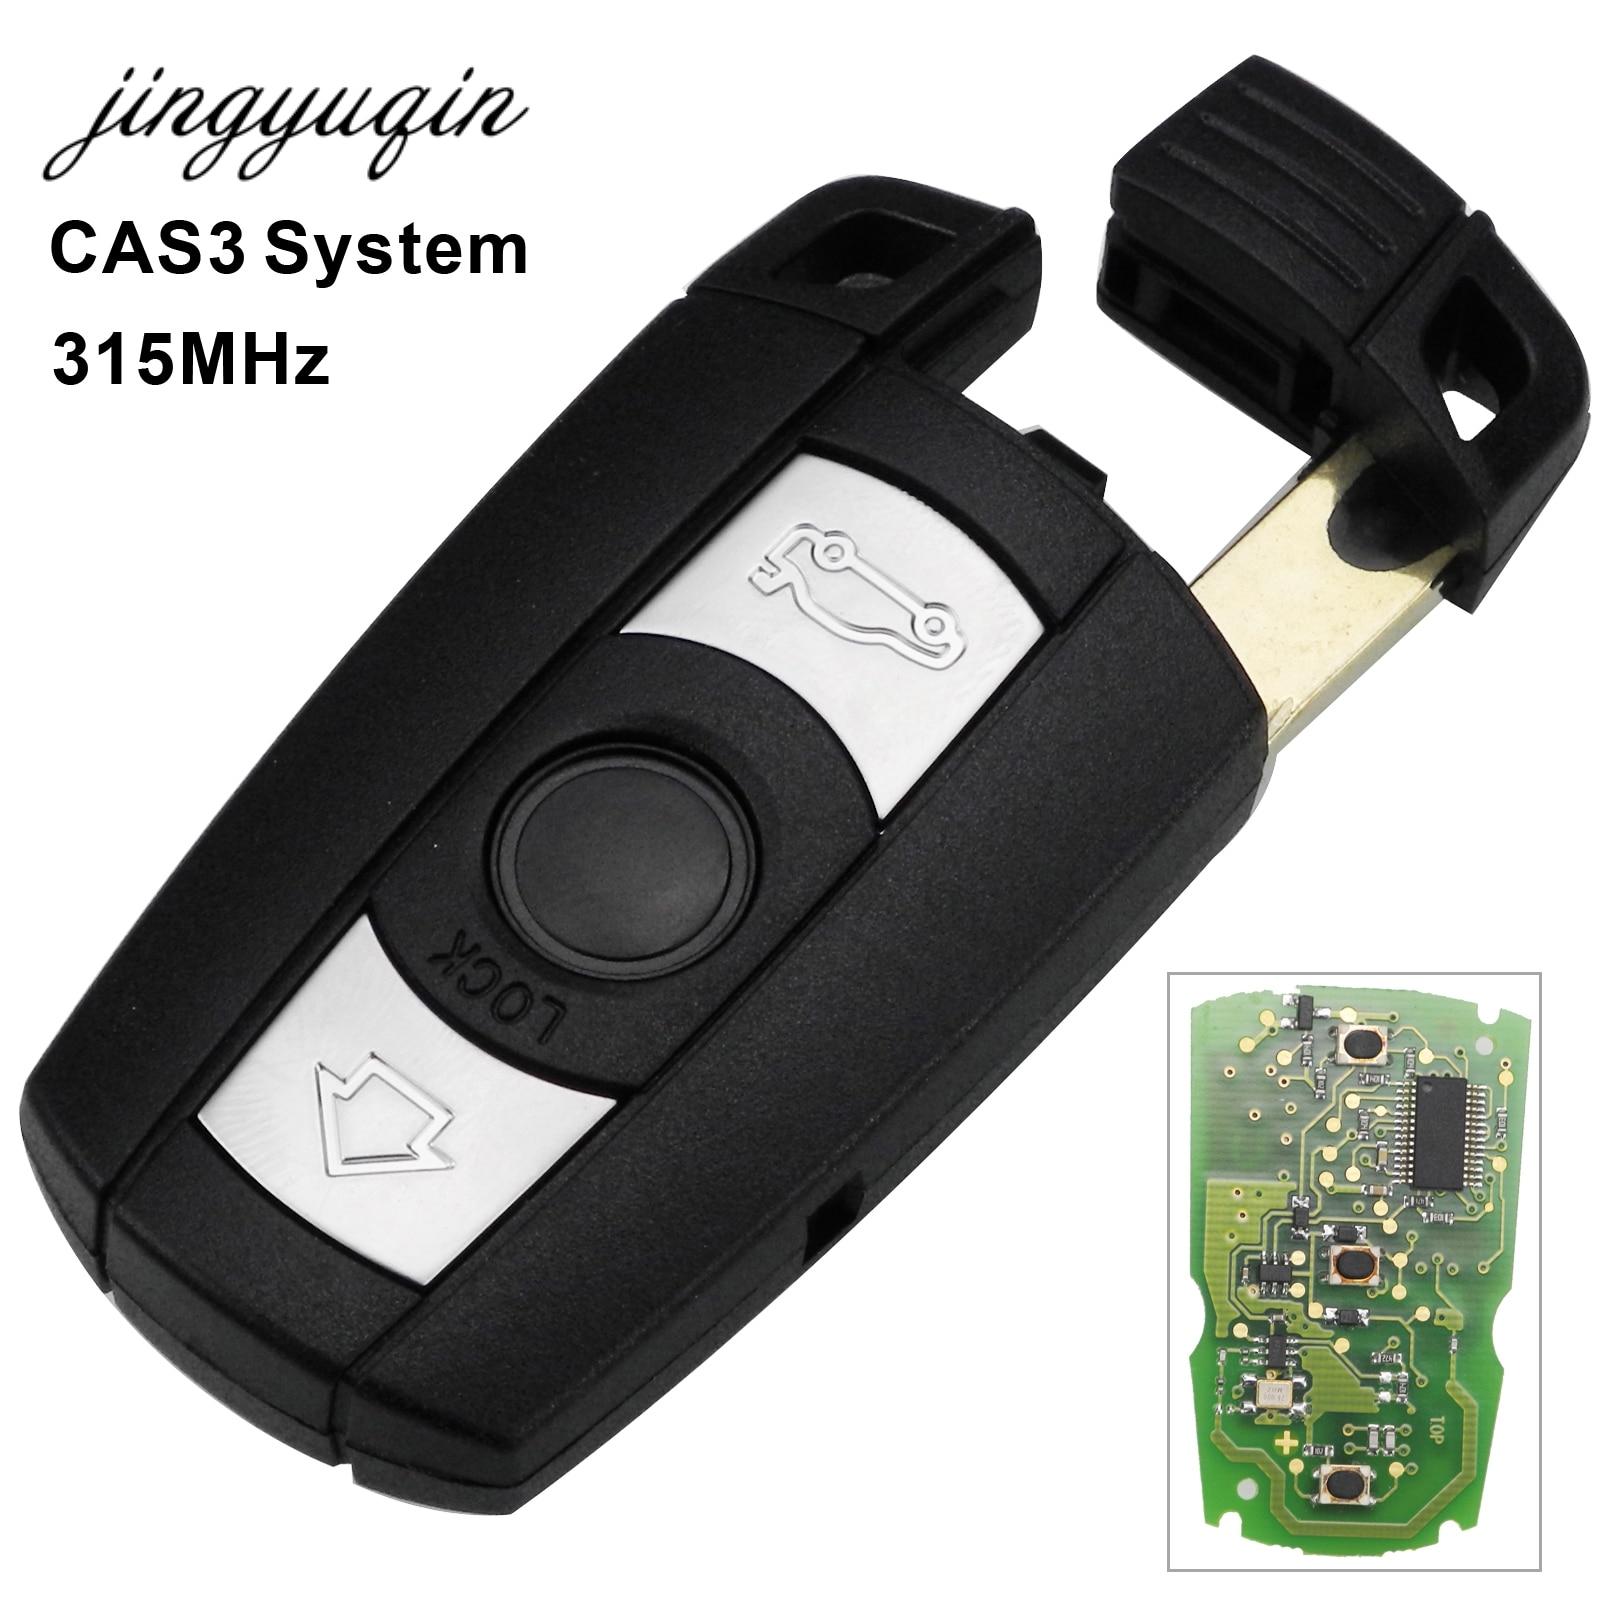 Jingyuqin Voiture À Distance Clé Intelligente BRICOLAGE pour BMW CAS3 X5 X6 Z4 1/3/5/7 Série 315 mhz ID46 D'entrée Sans Clé Émetteur